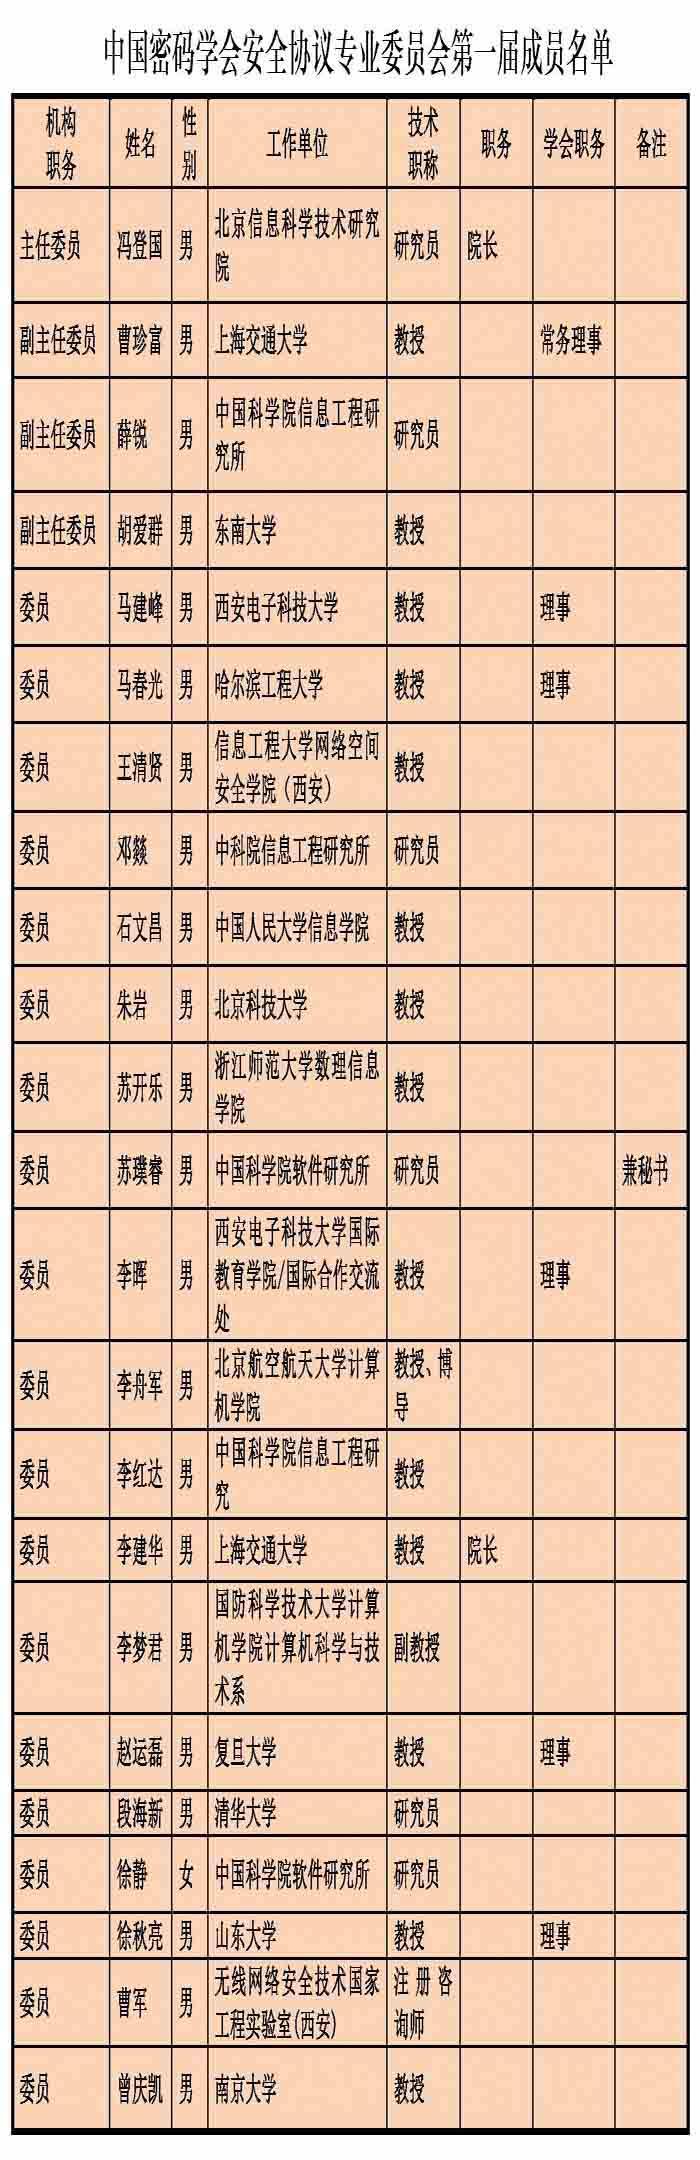 中国密码学会安全协议专业委员会成员名单(20160614小).jpg